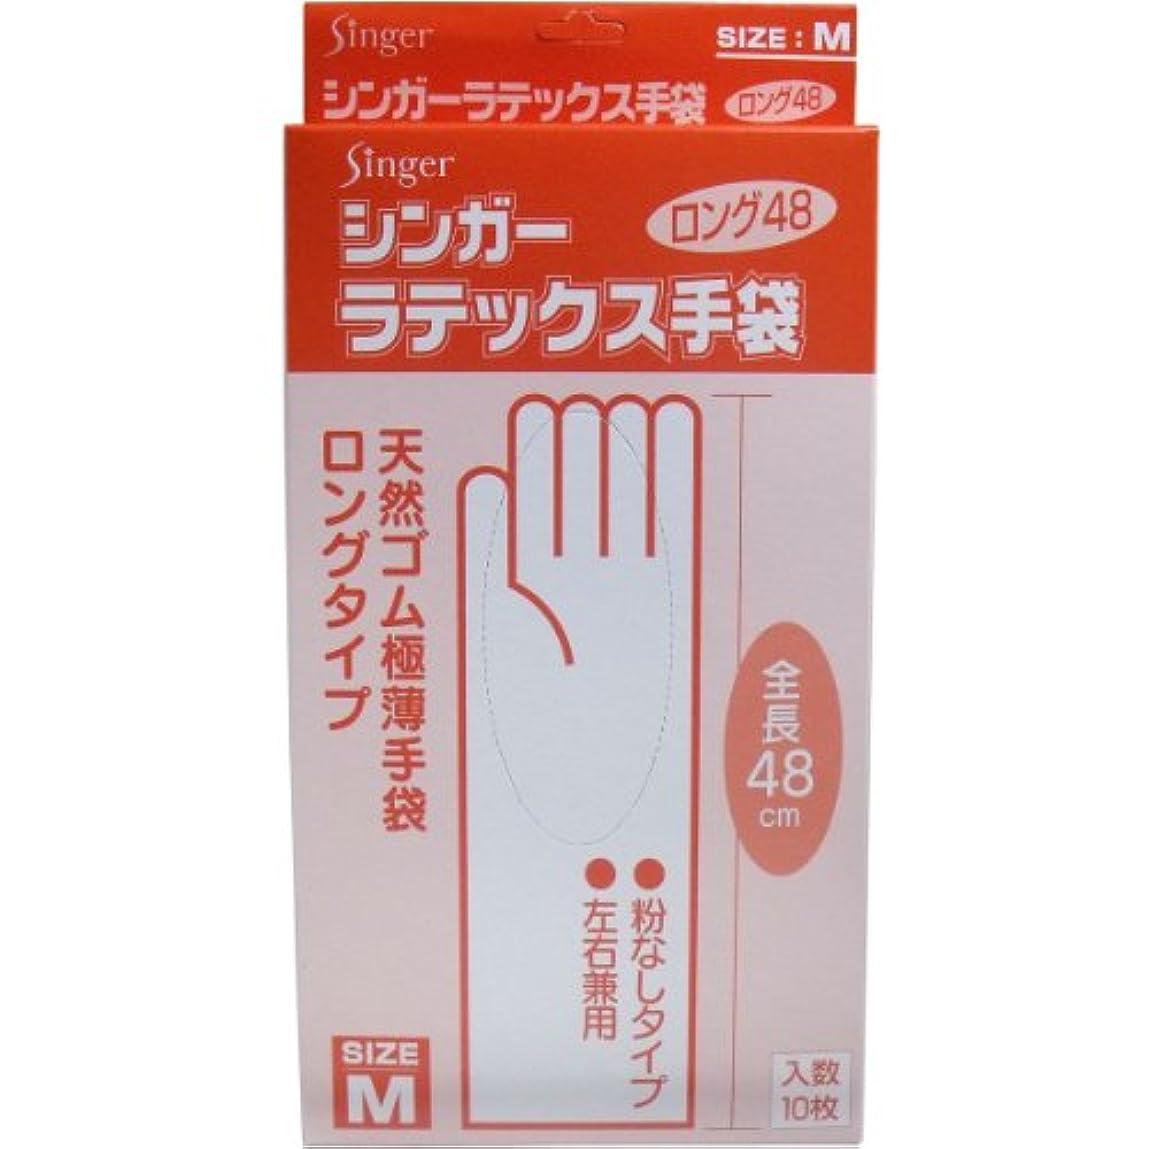 宇都宮製作 シンガー ラテックス手袋 ロング48 パウダーフリー M 1セット(30枚:10枚×3箱)